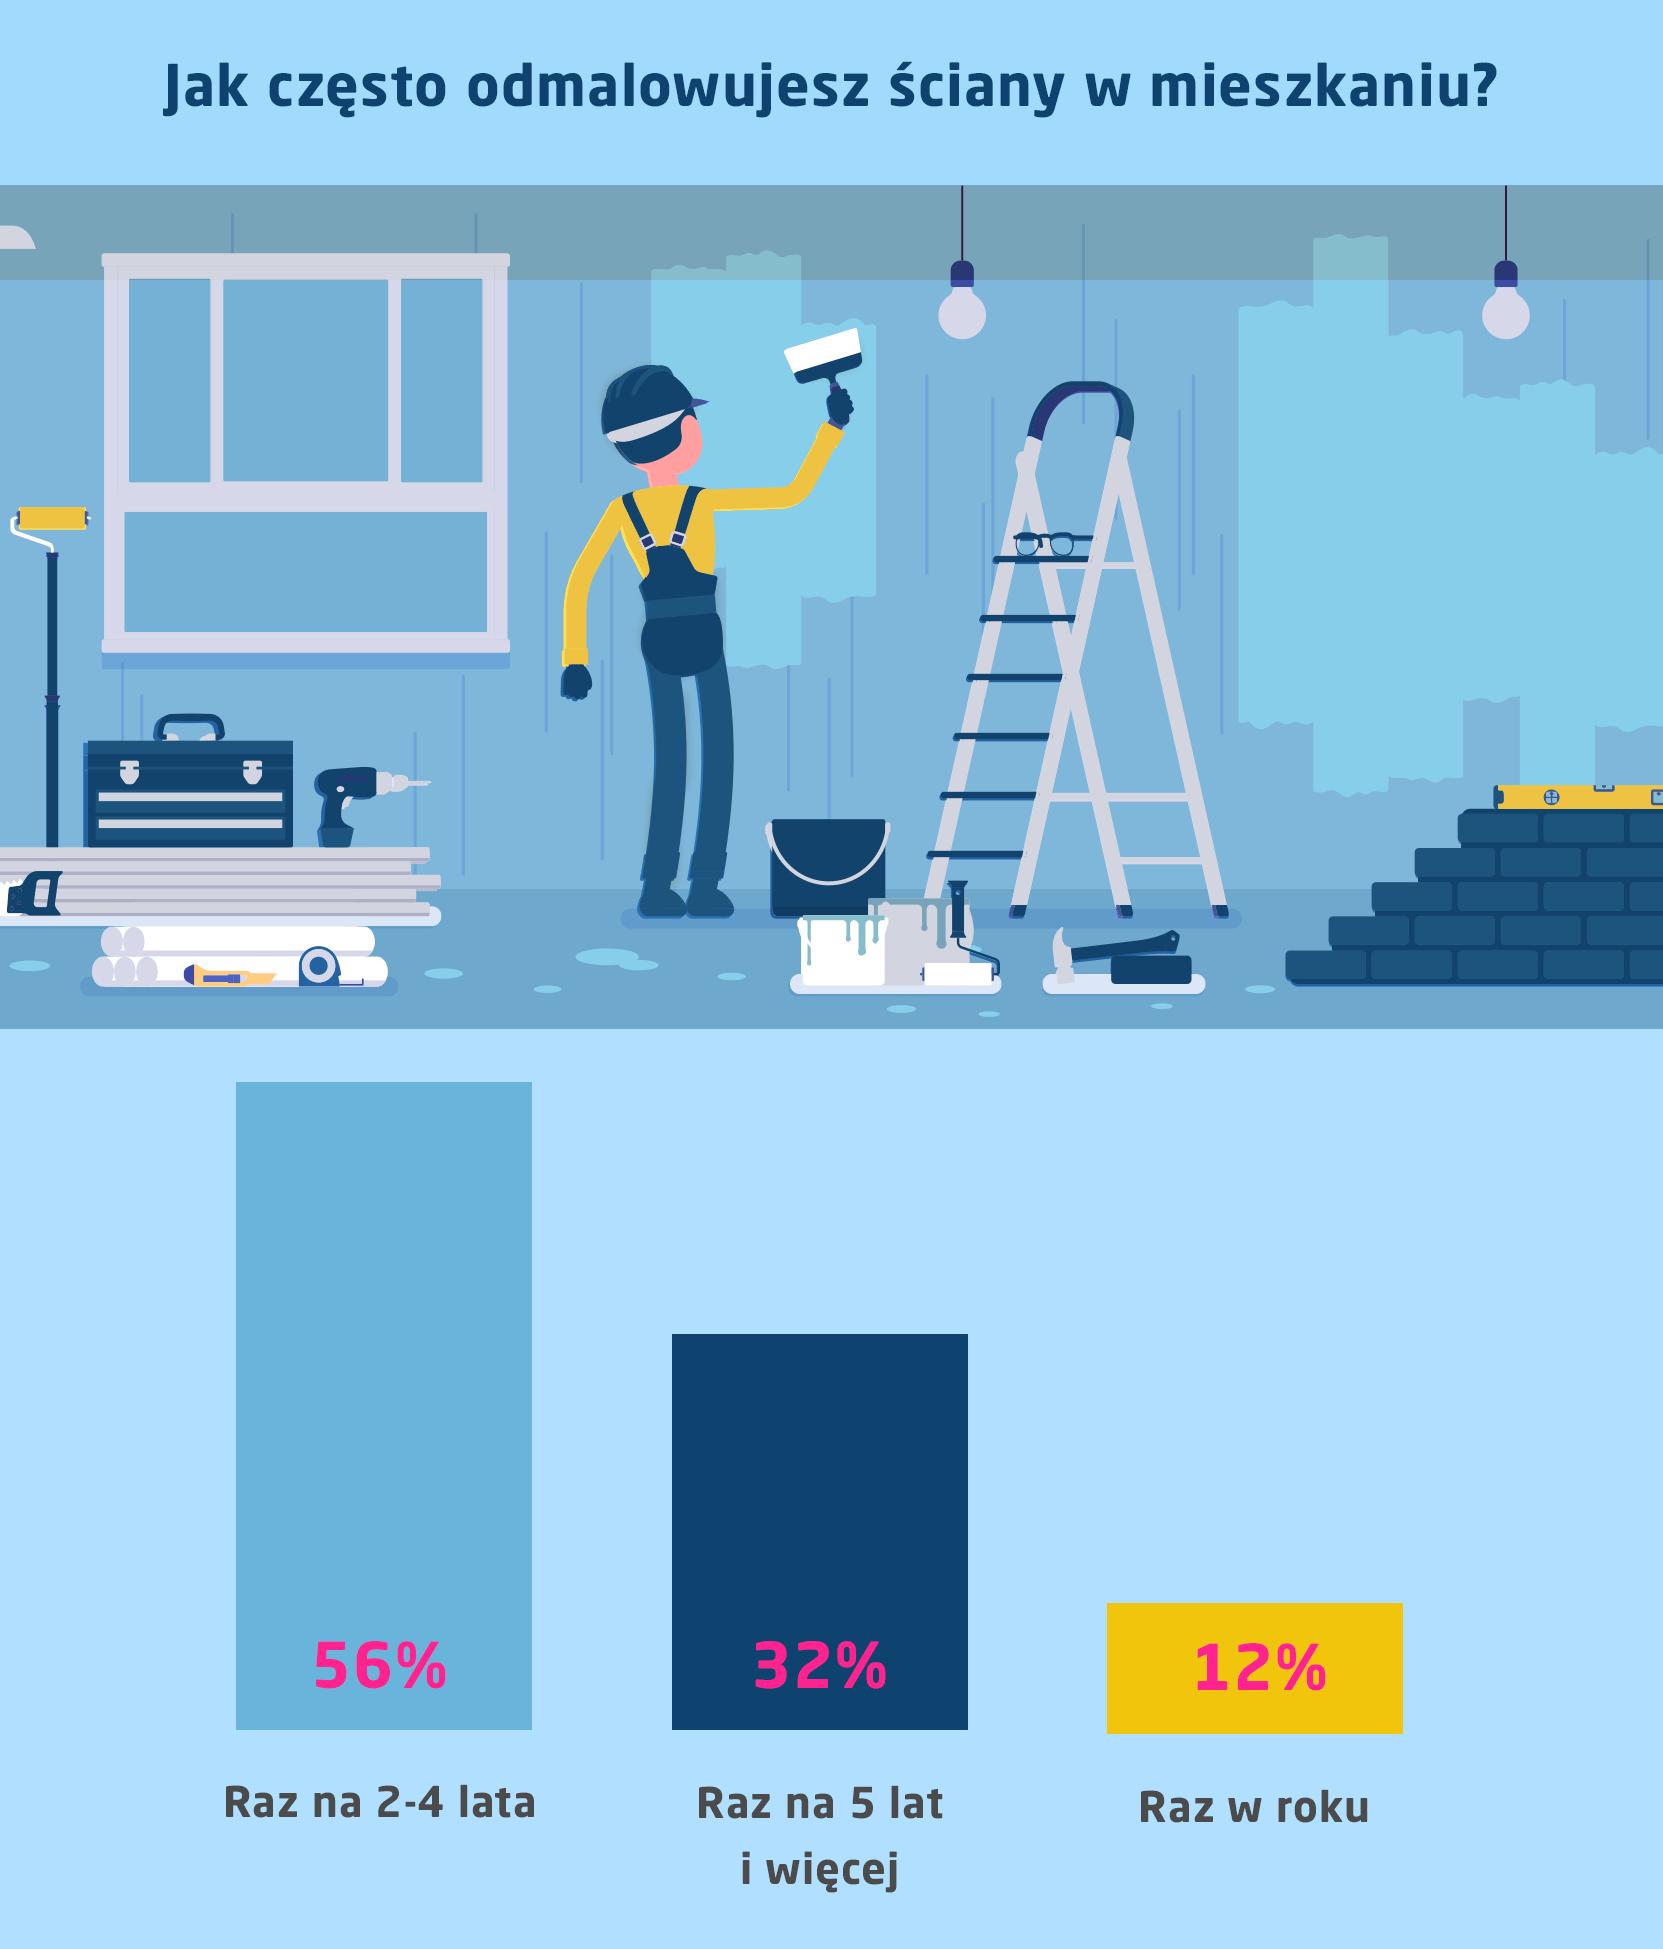 jak często odmalowujesz ściany w mieszkaniu? infografika